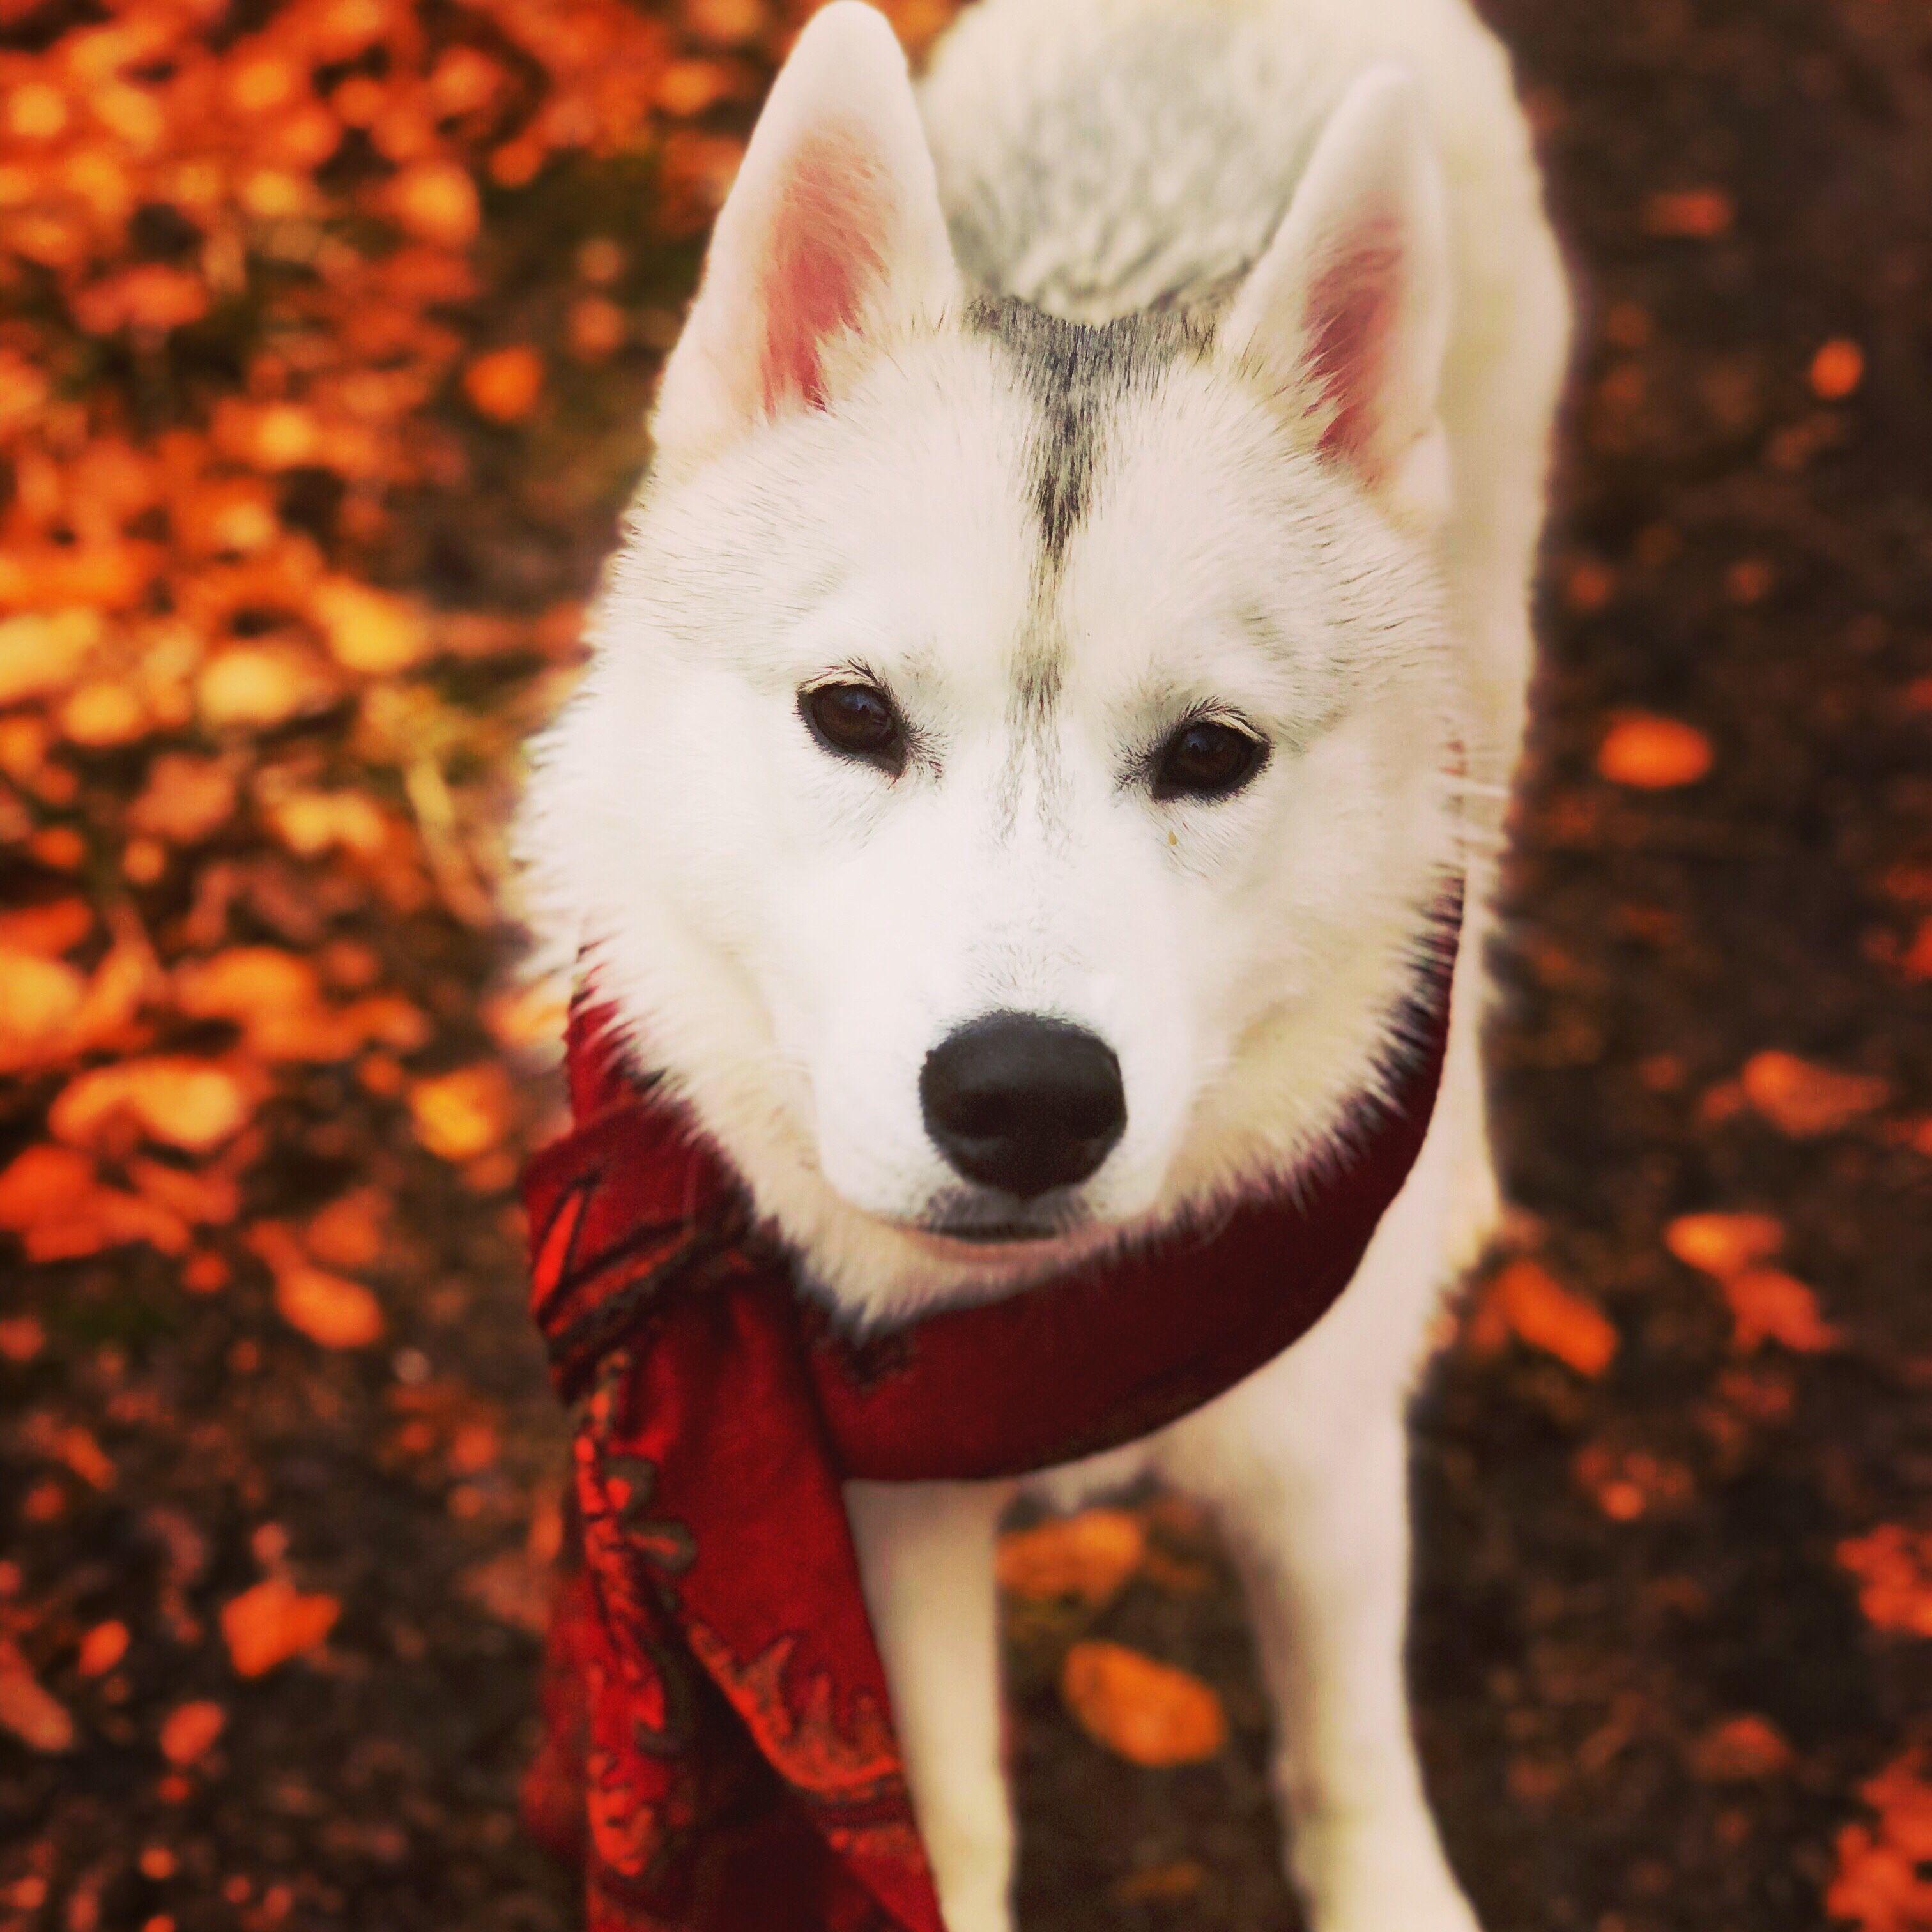 Wie Gewohne Ich Meinem Hund Das Ziehen Ab Undercover Labrador Hunde Ich Liebe Hunde Gesunde Hunde